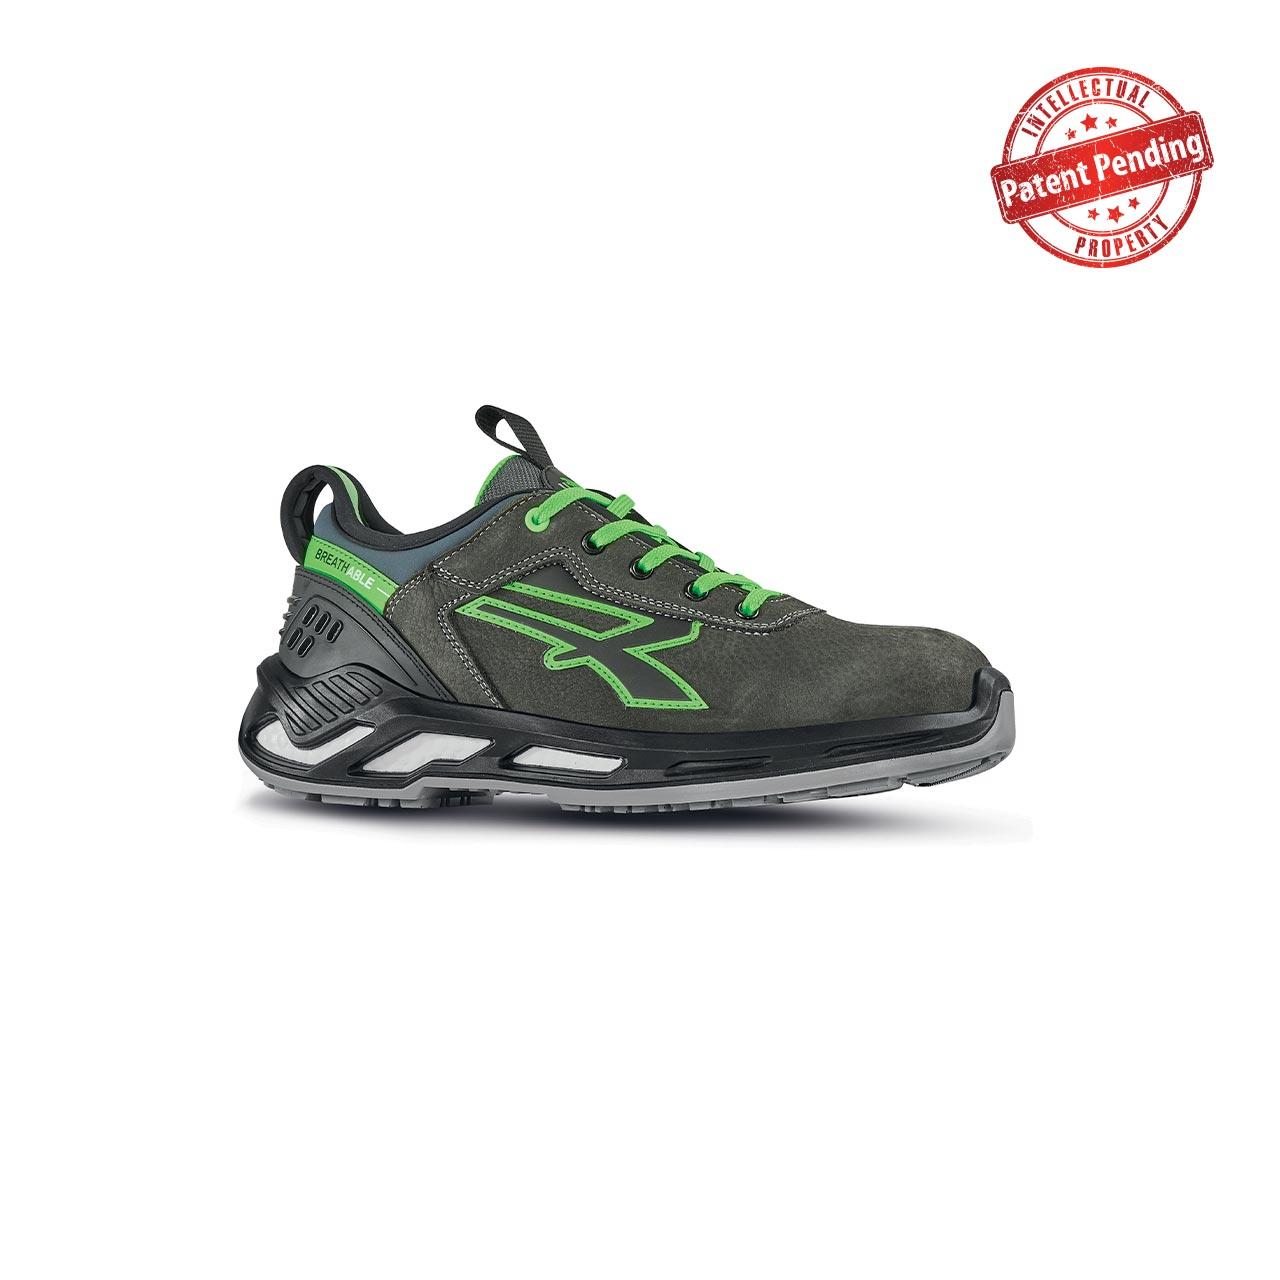 scarpa antinfortunistica upower modello naos linea red360 vista laterale